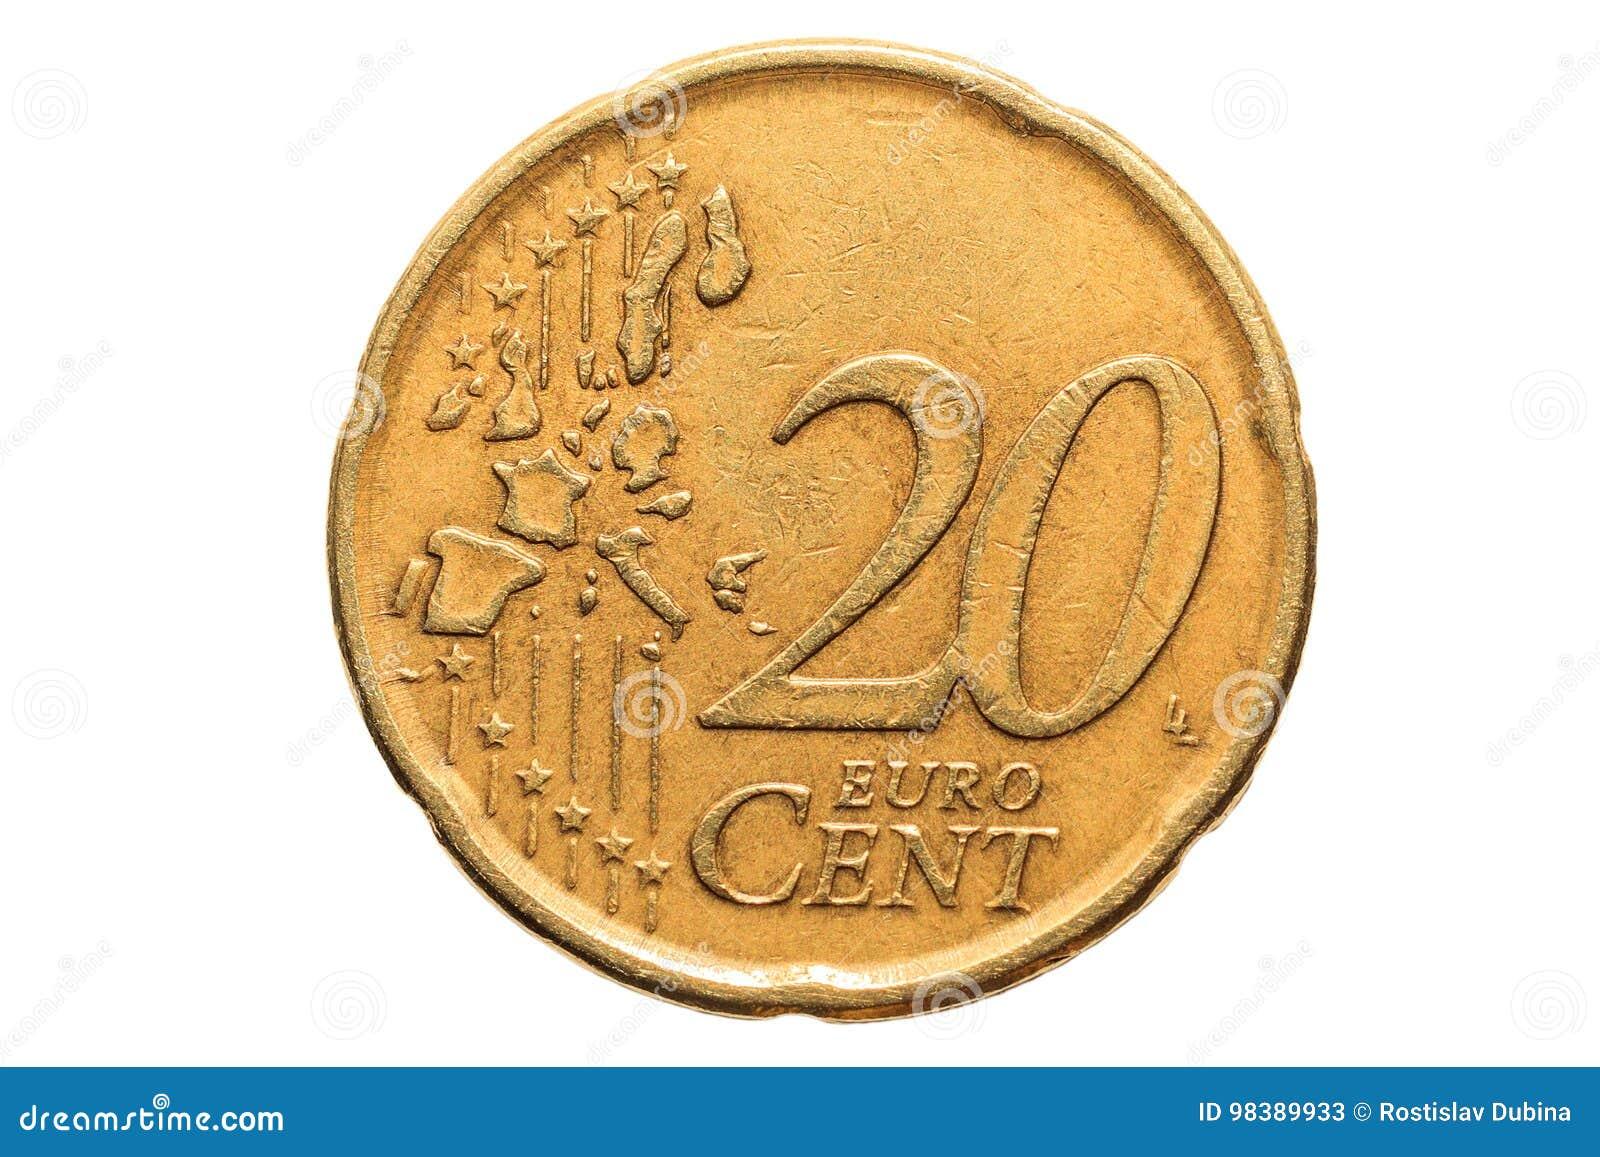 Europeiskt mynt med ett nominellt värde av tjugo eurocent som isoleras på vit bakgrund Makrobild av europeiska mynt